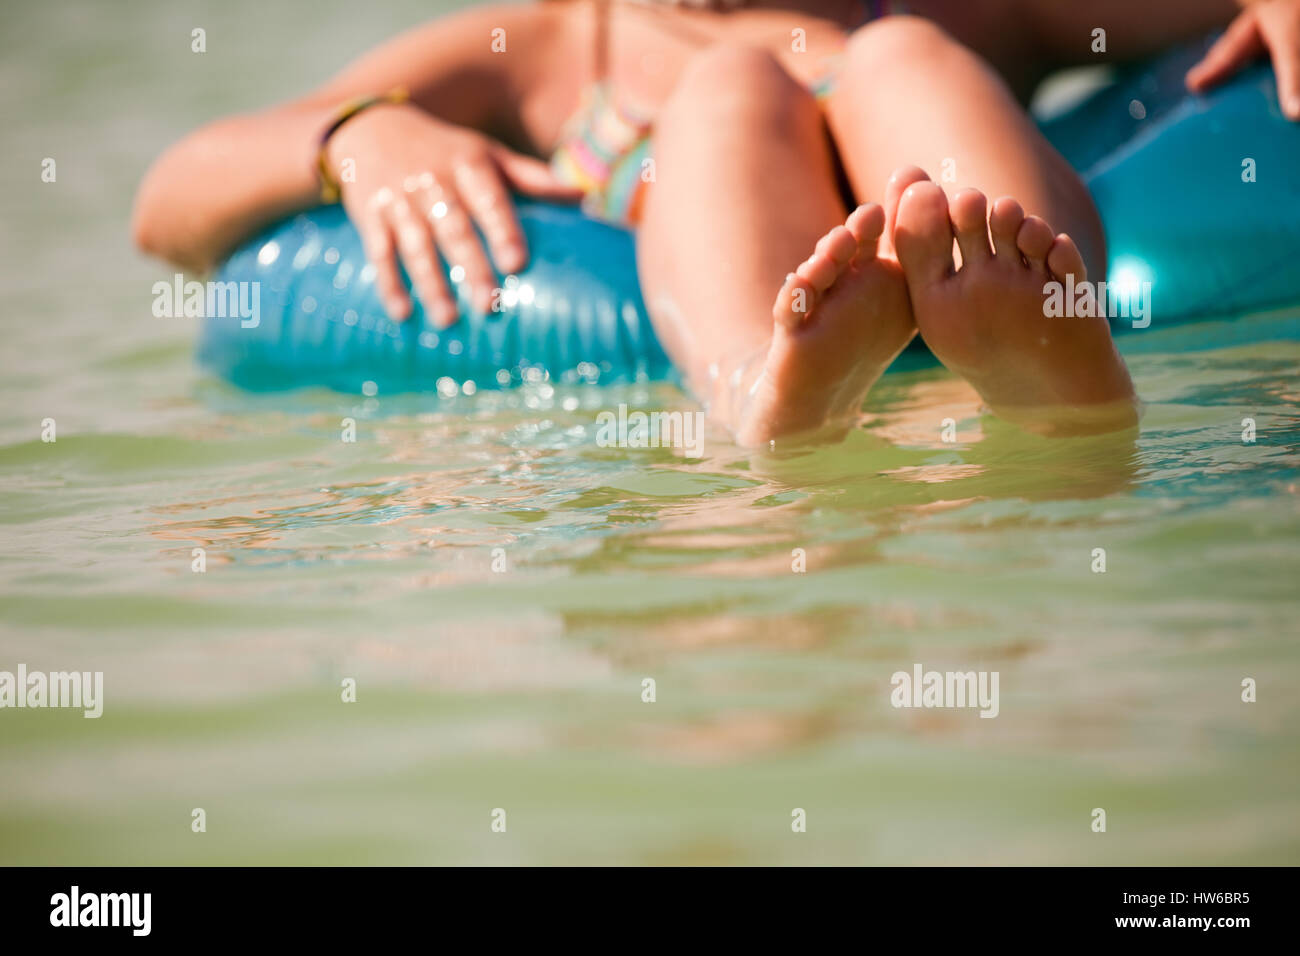 summertime kid - Stock Image